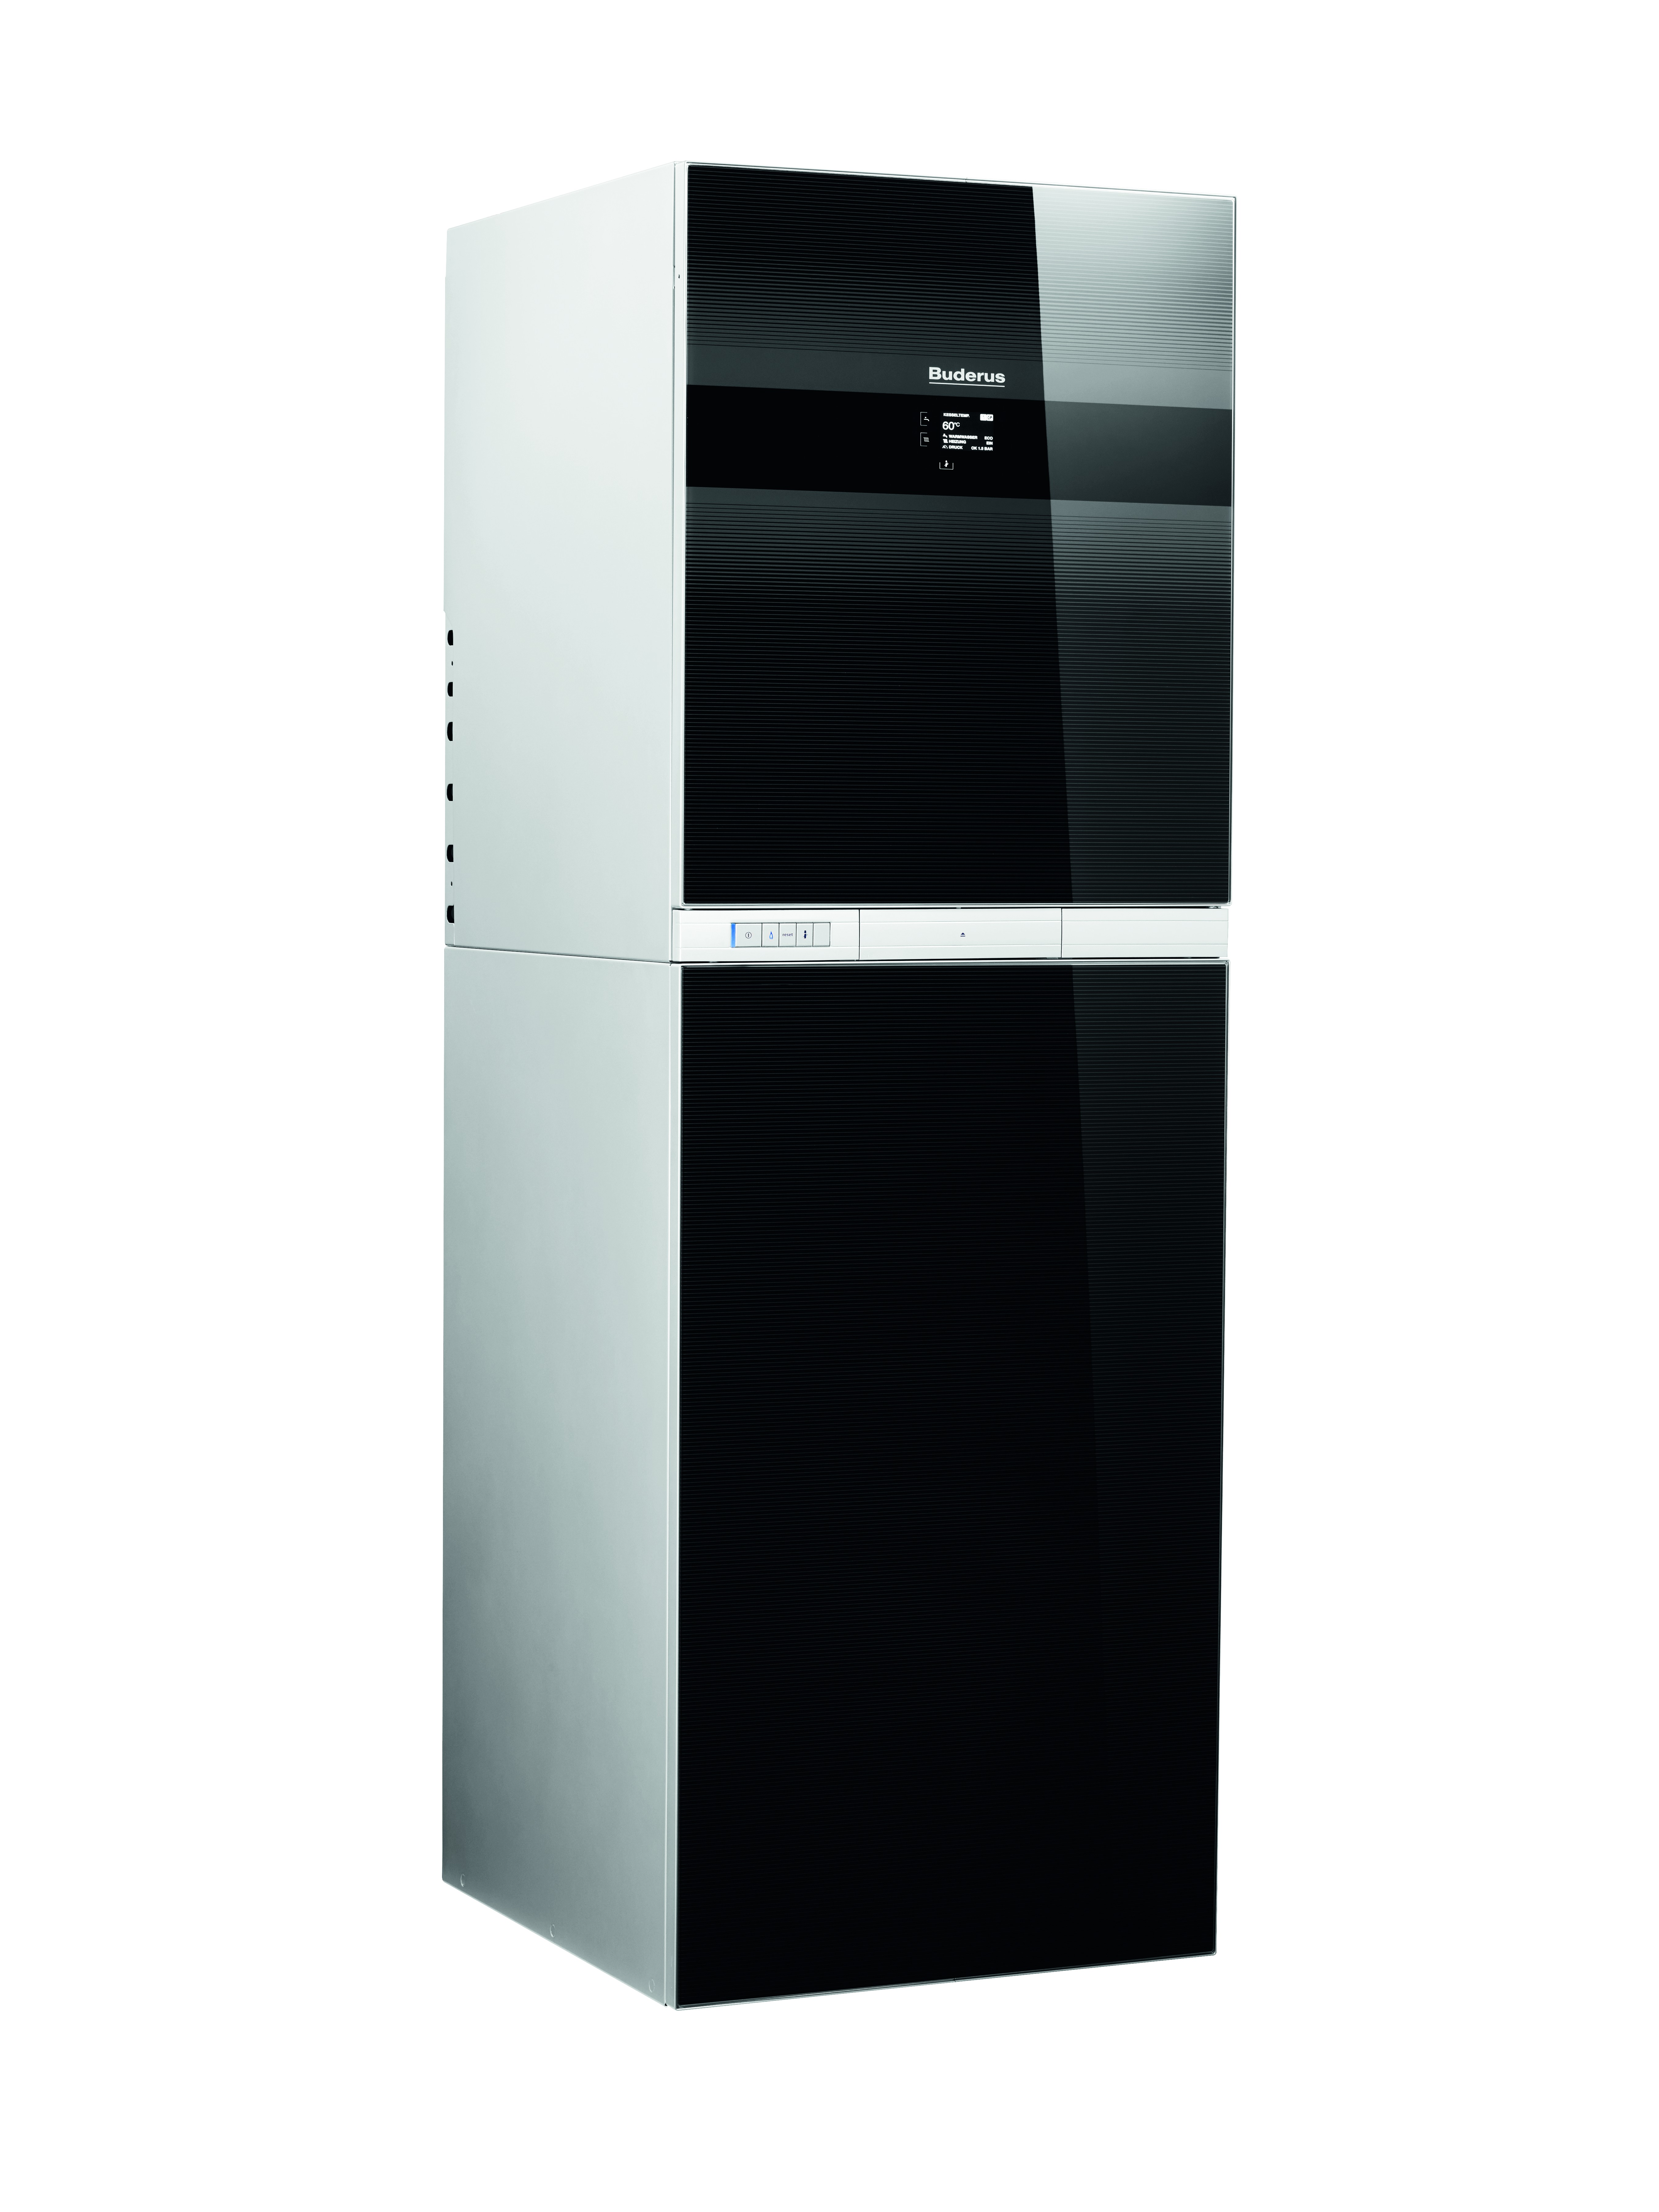 Die Buderus Gas-Brennwert-Kompaktheizzentrale Logamax plus GB192iT lässt sich komfortabel in Gebäude-Automationssysteme integrieren. Quelle: Buderus